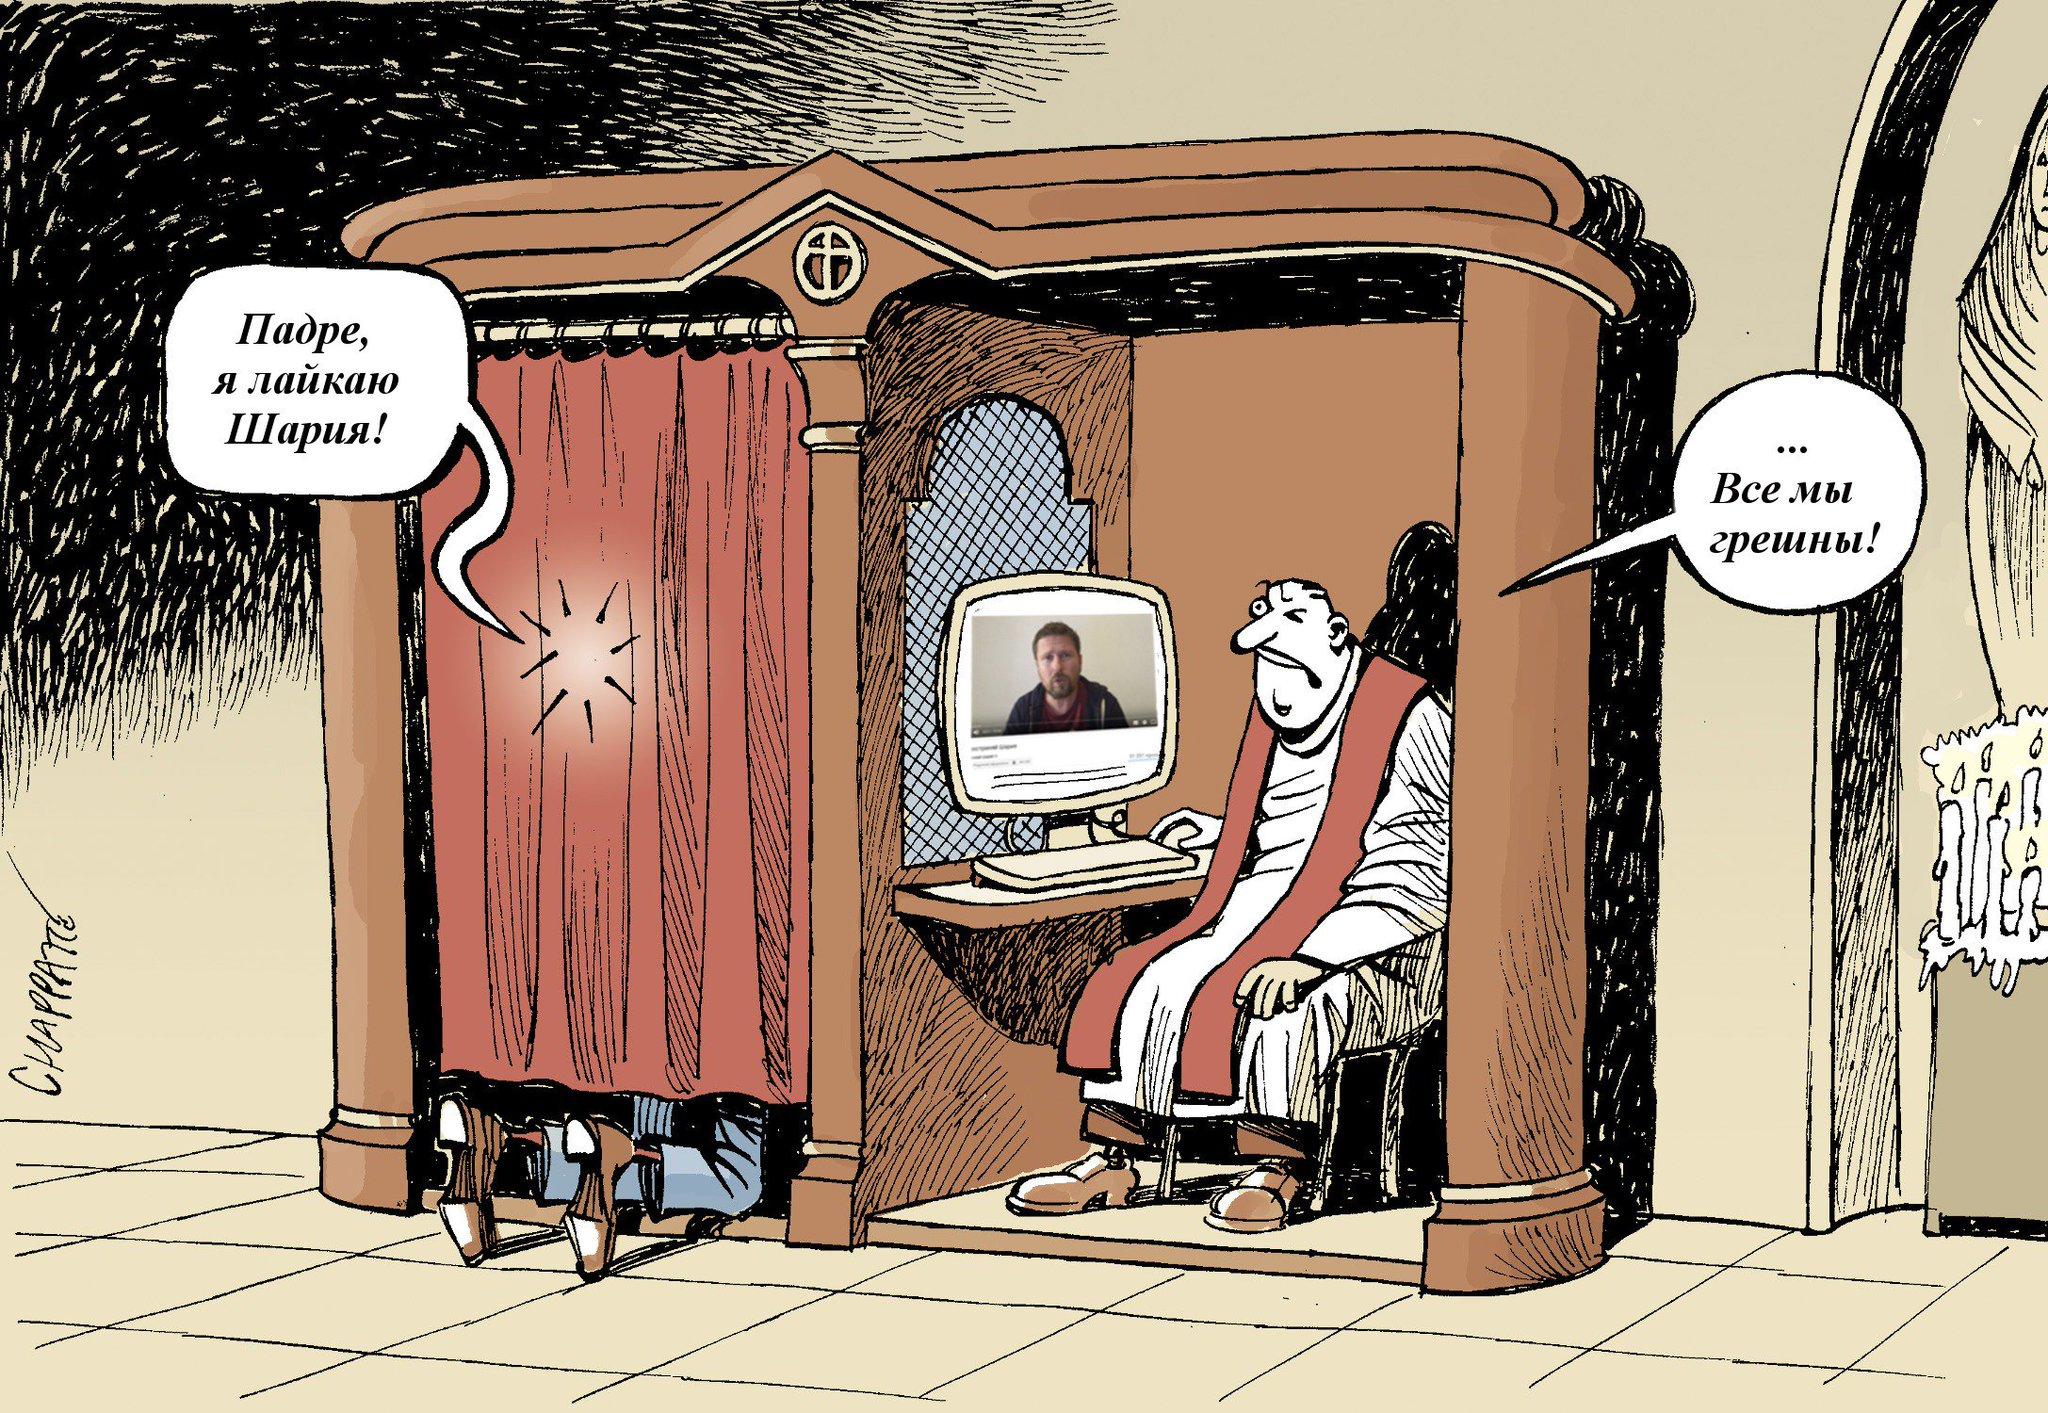 Поздравляем вас, смешные картинки на фейсбук